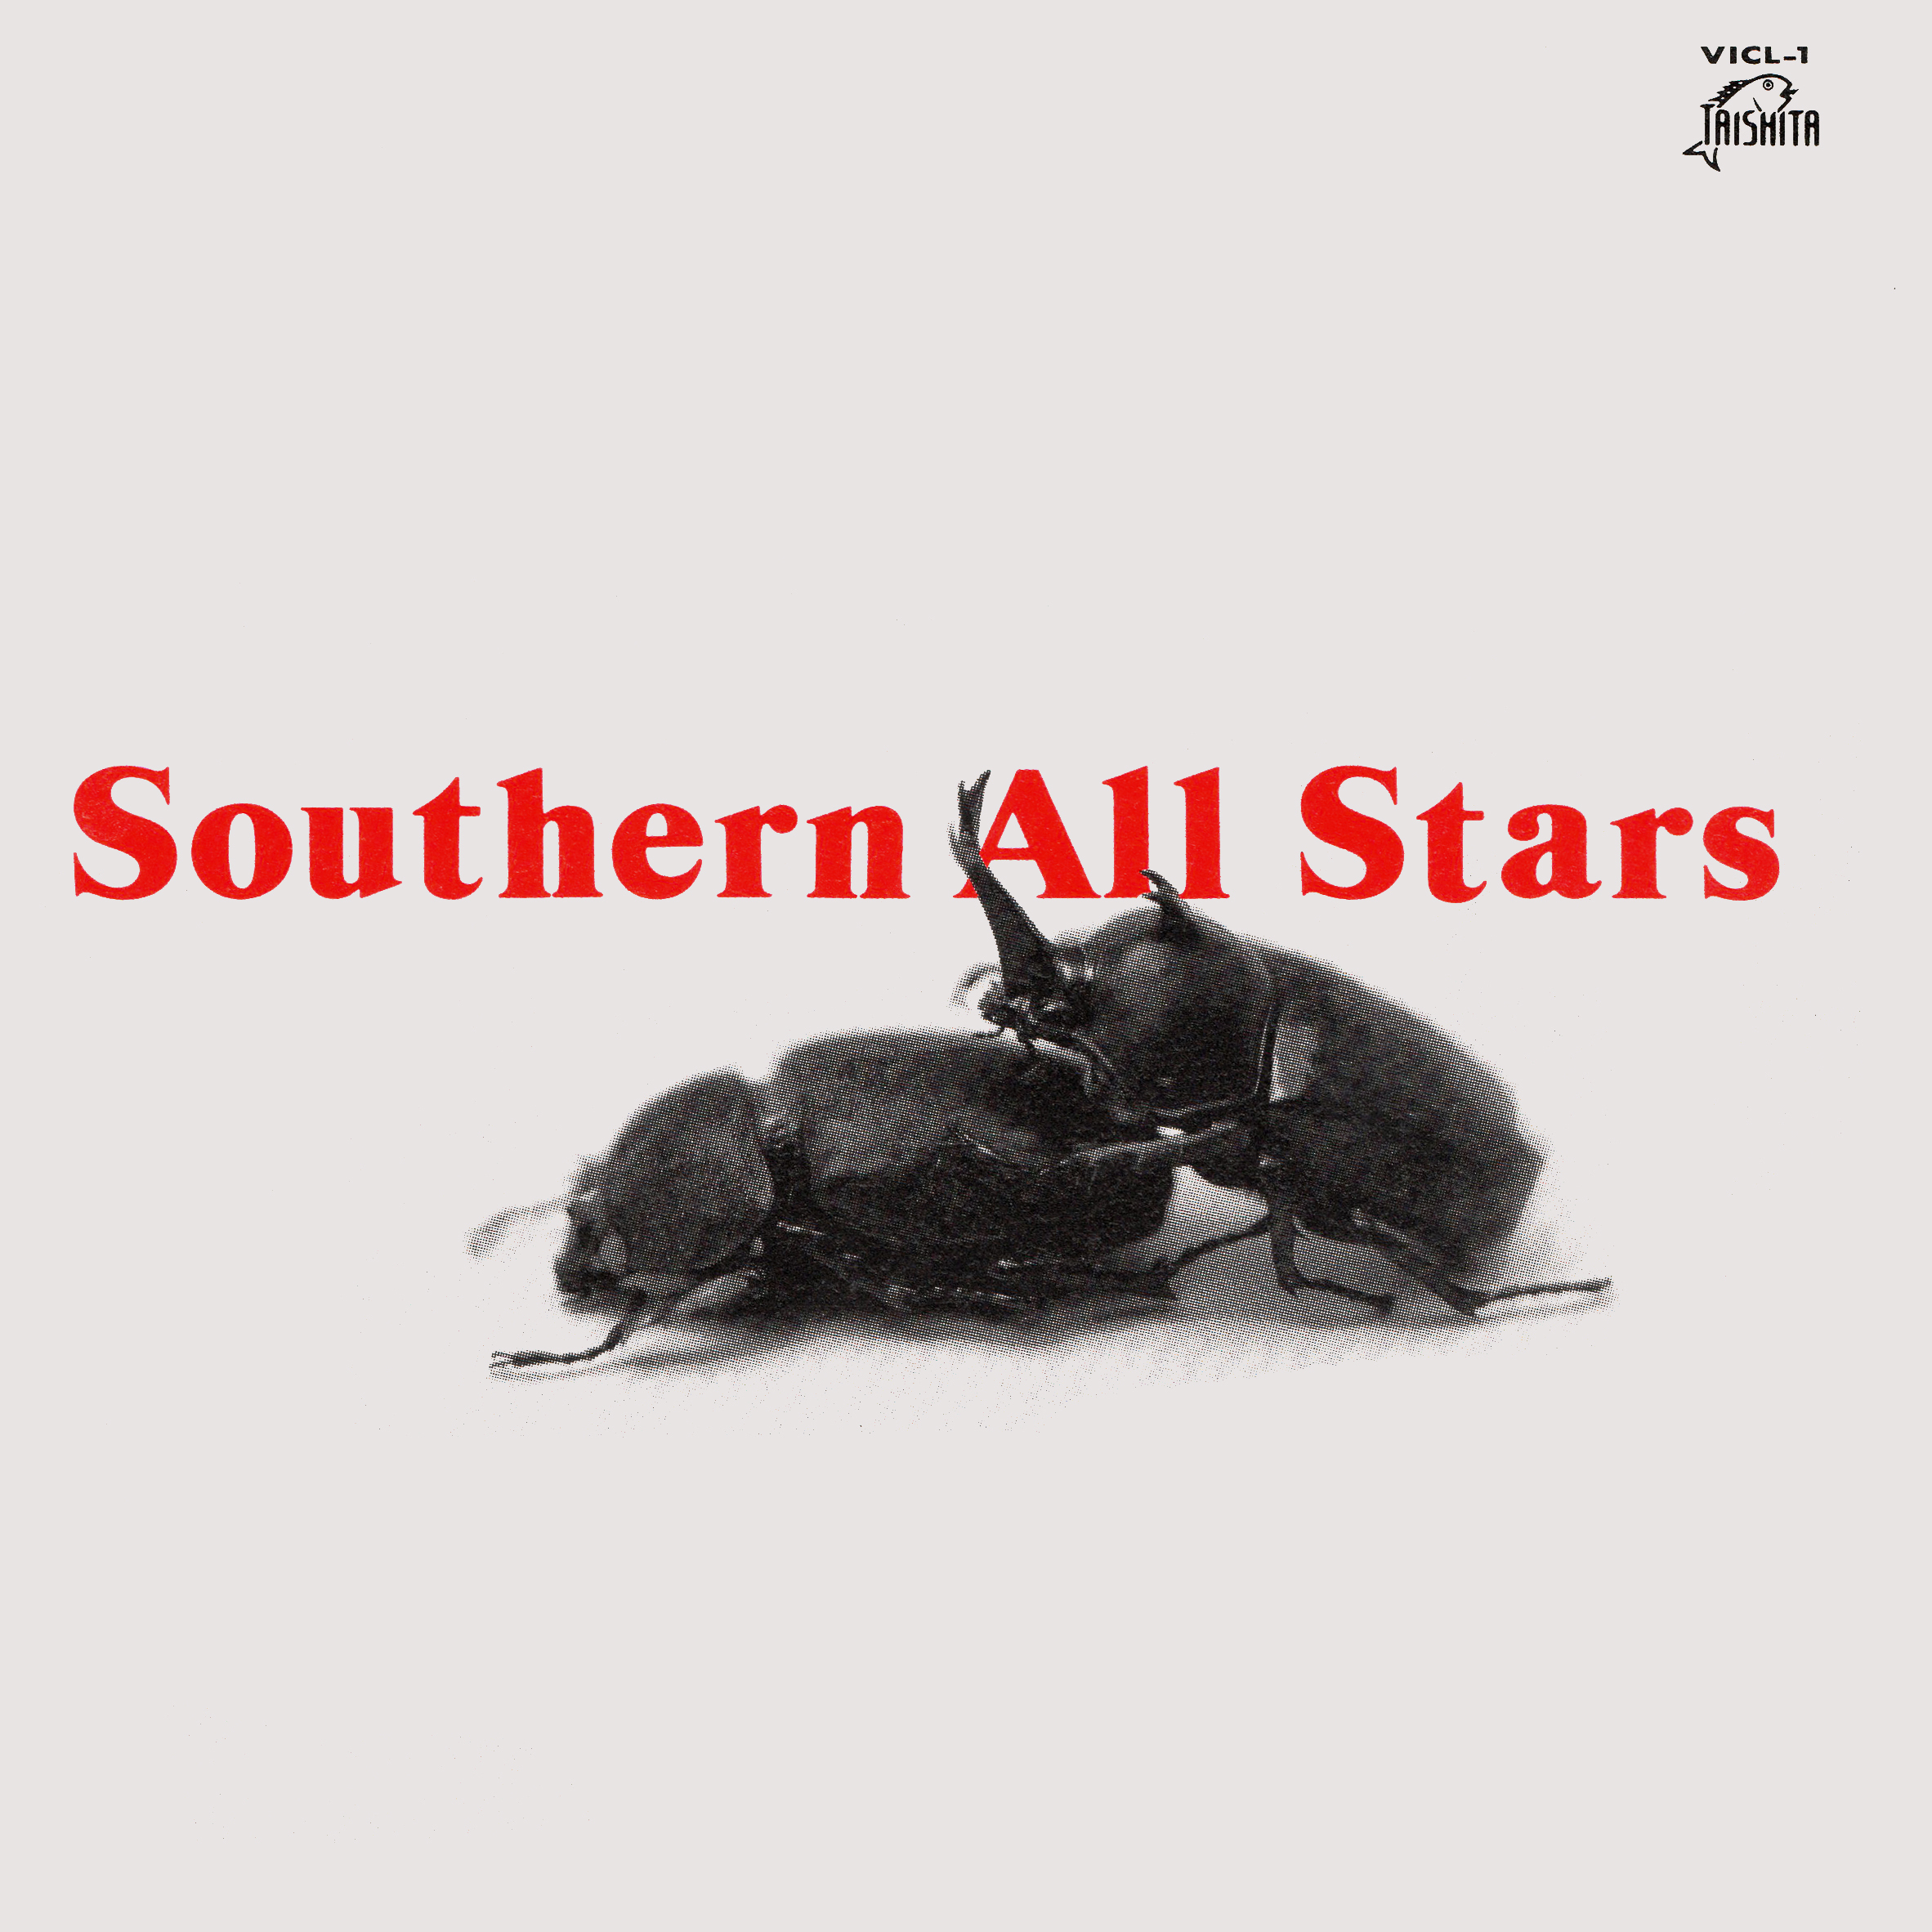 サザンオールスターズ 9thアルバム『Southern All Stars』(通常盤) 高画質ジャケット画像